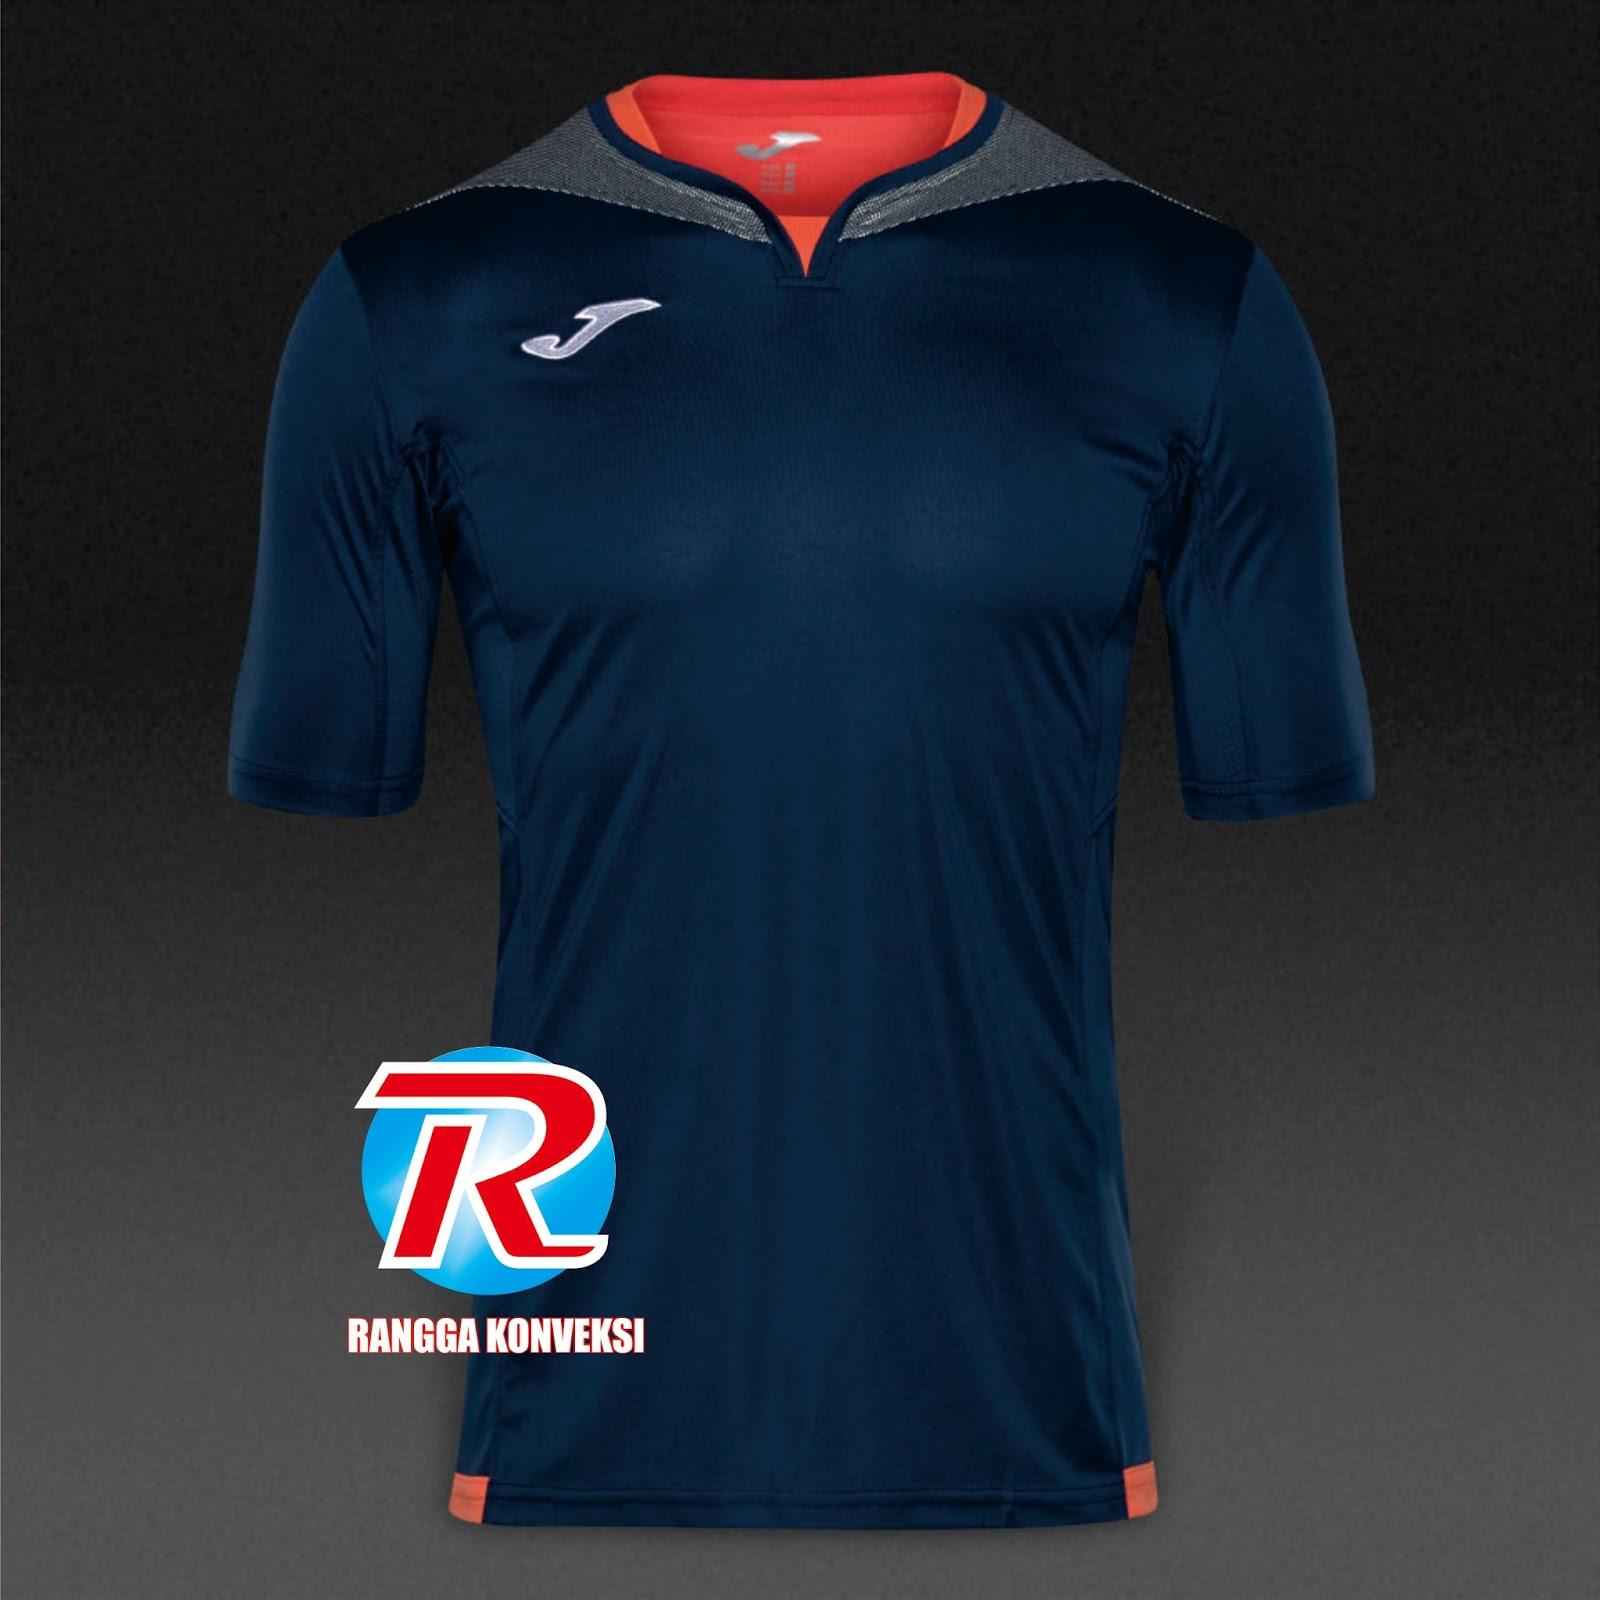 Jersey Printing Rangga Konveksi Kostum Futsal Terbaru Kode Joma 2017 Terbaik Desain Sendiri Terbarukostum